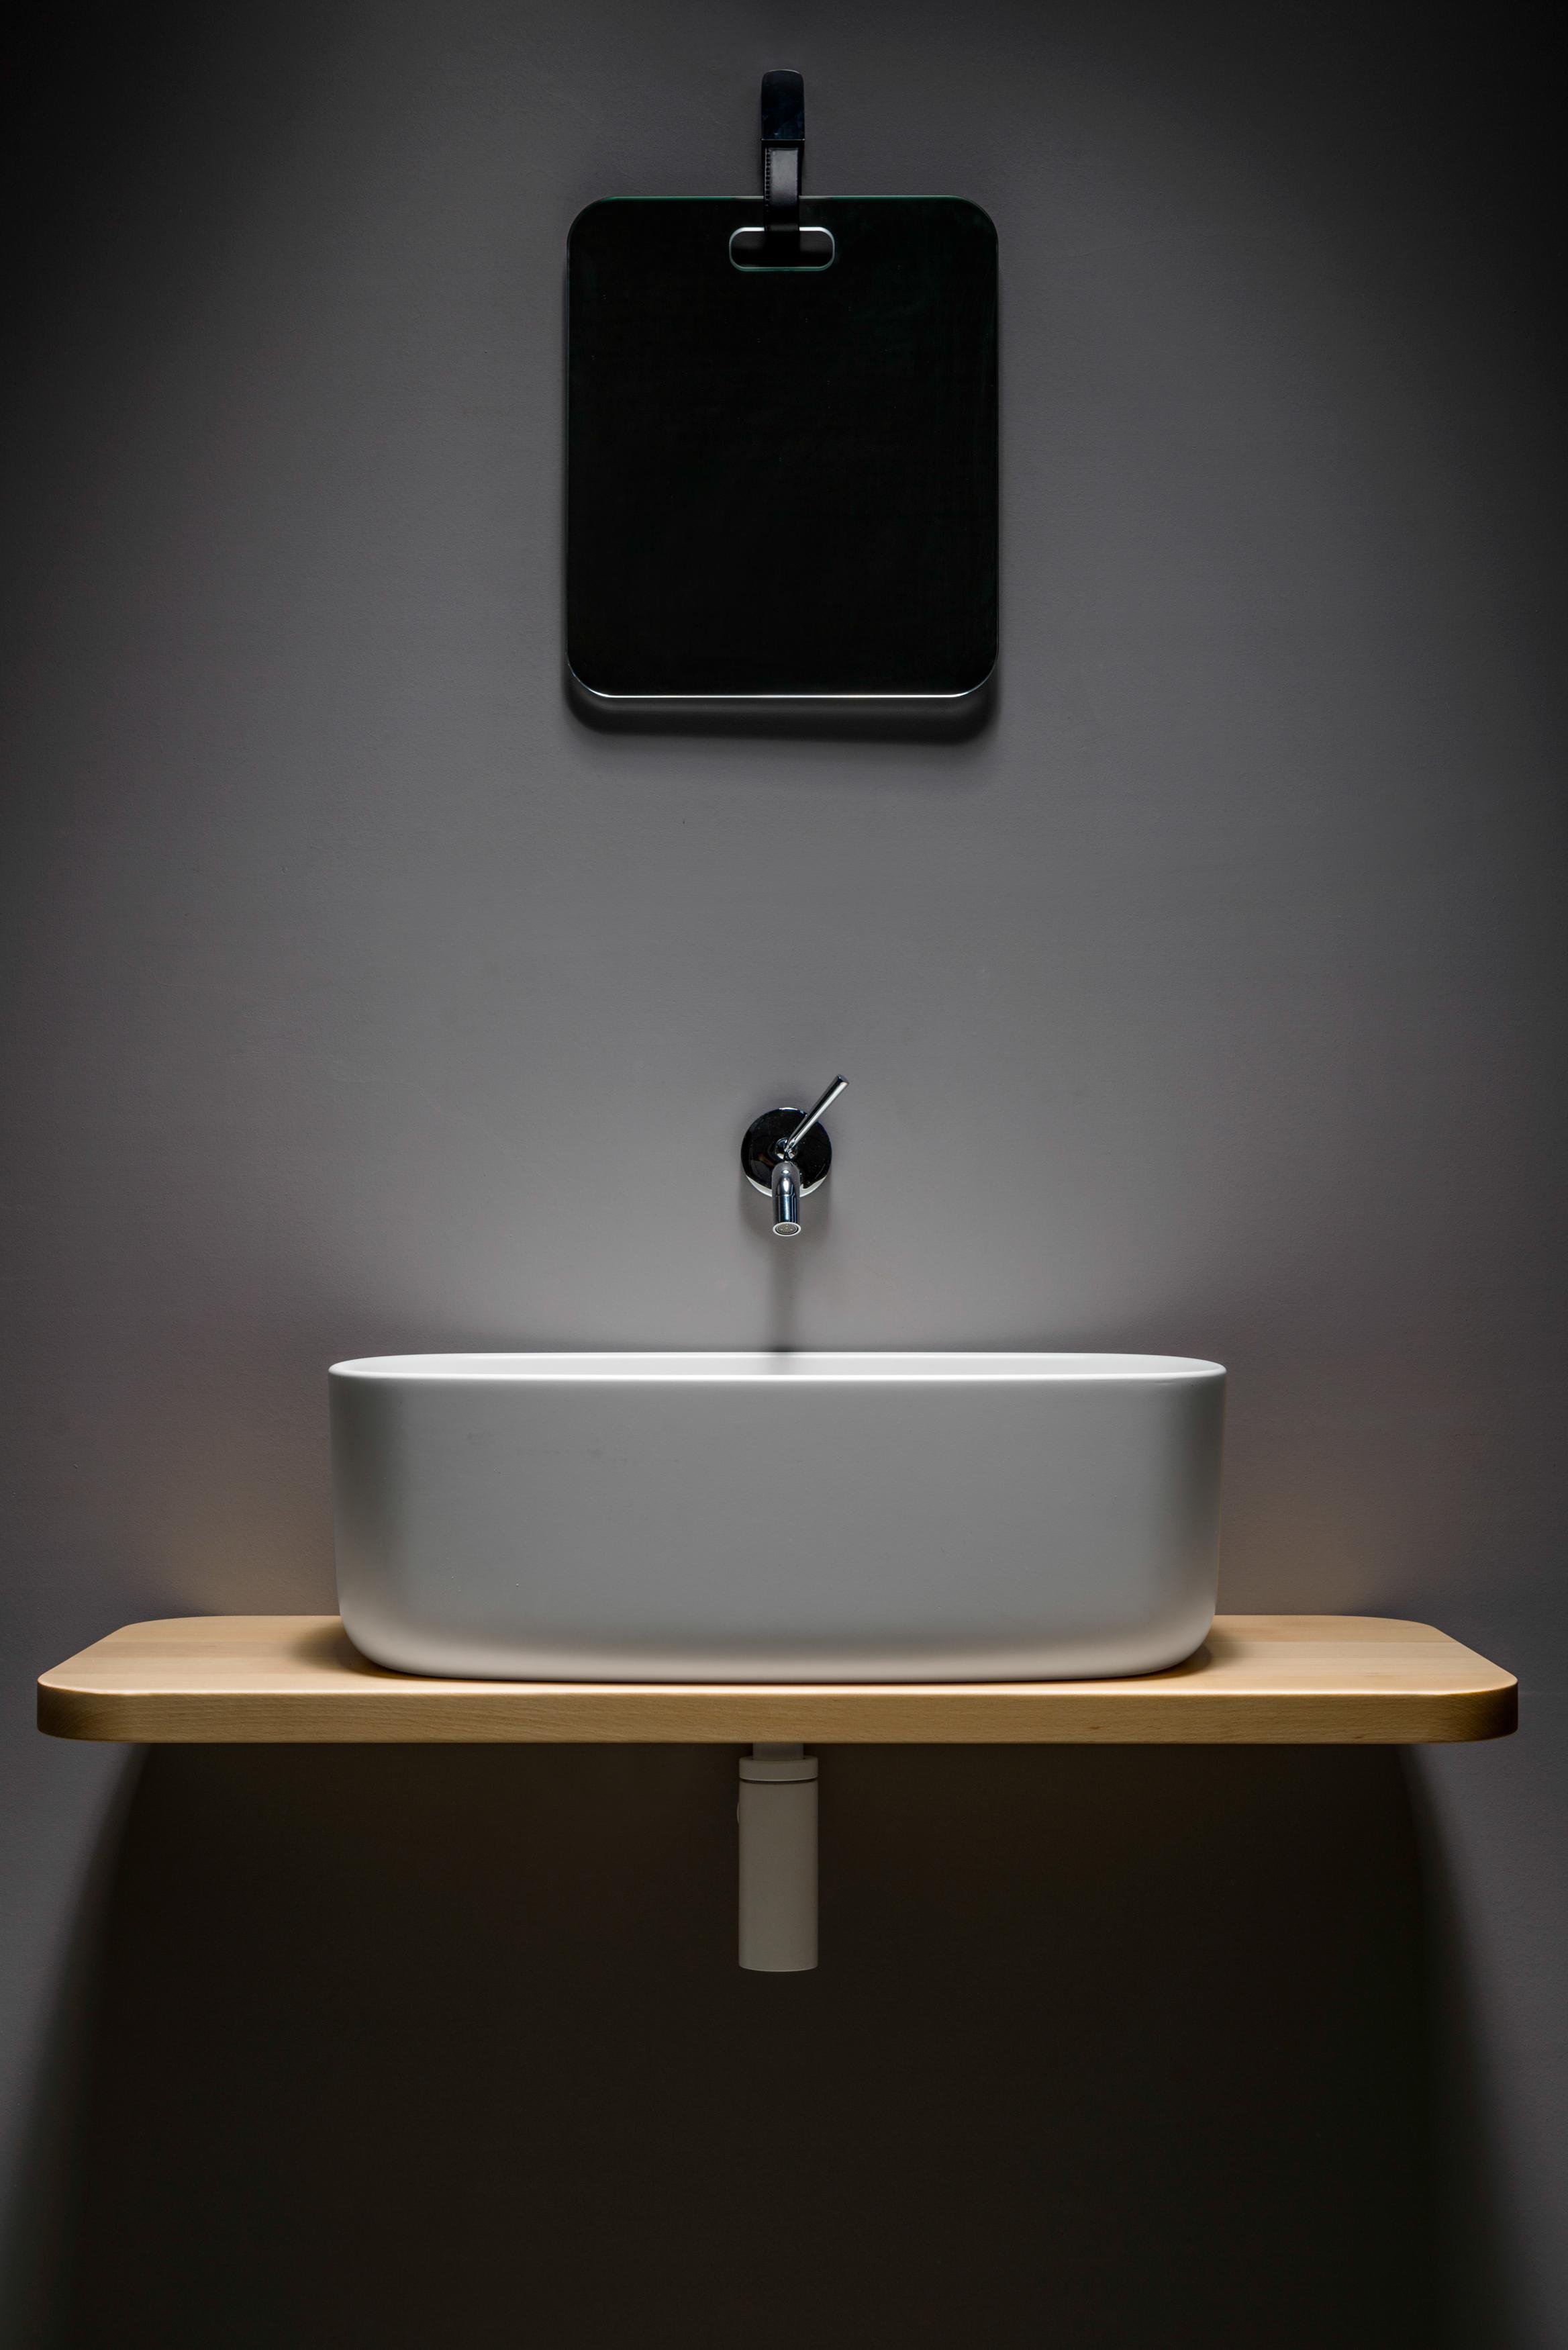 Ever Waschtisch Mit Konsole #bad #badezimmer #waschtisch #waschbecken ©ever